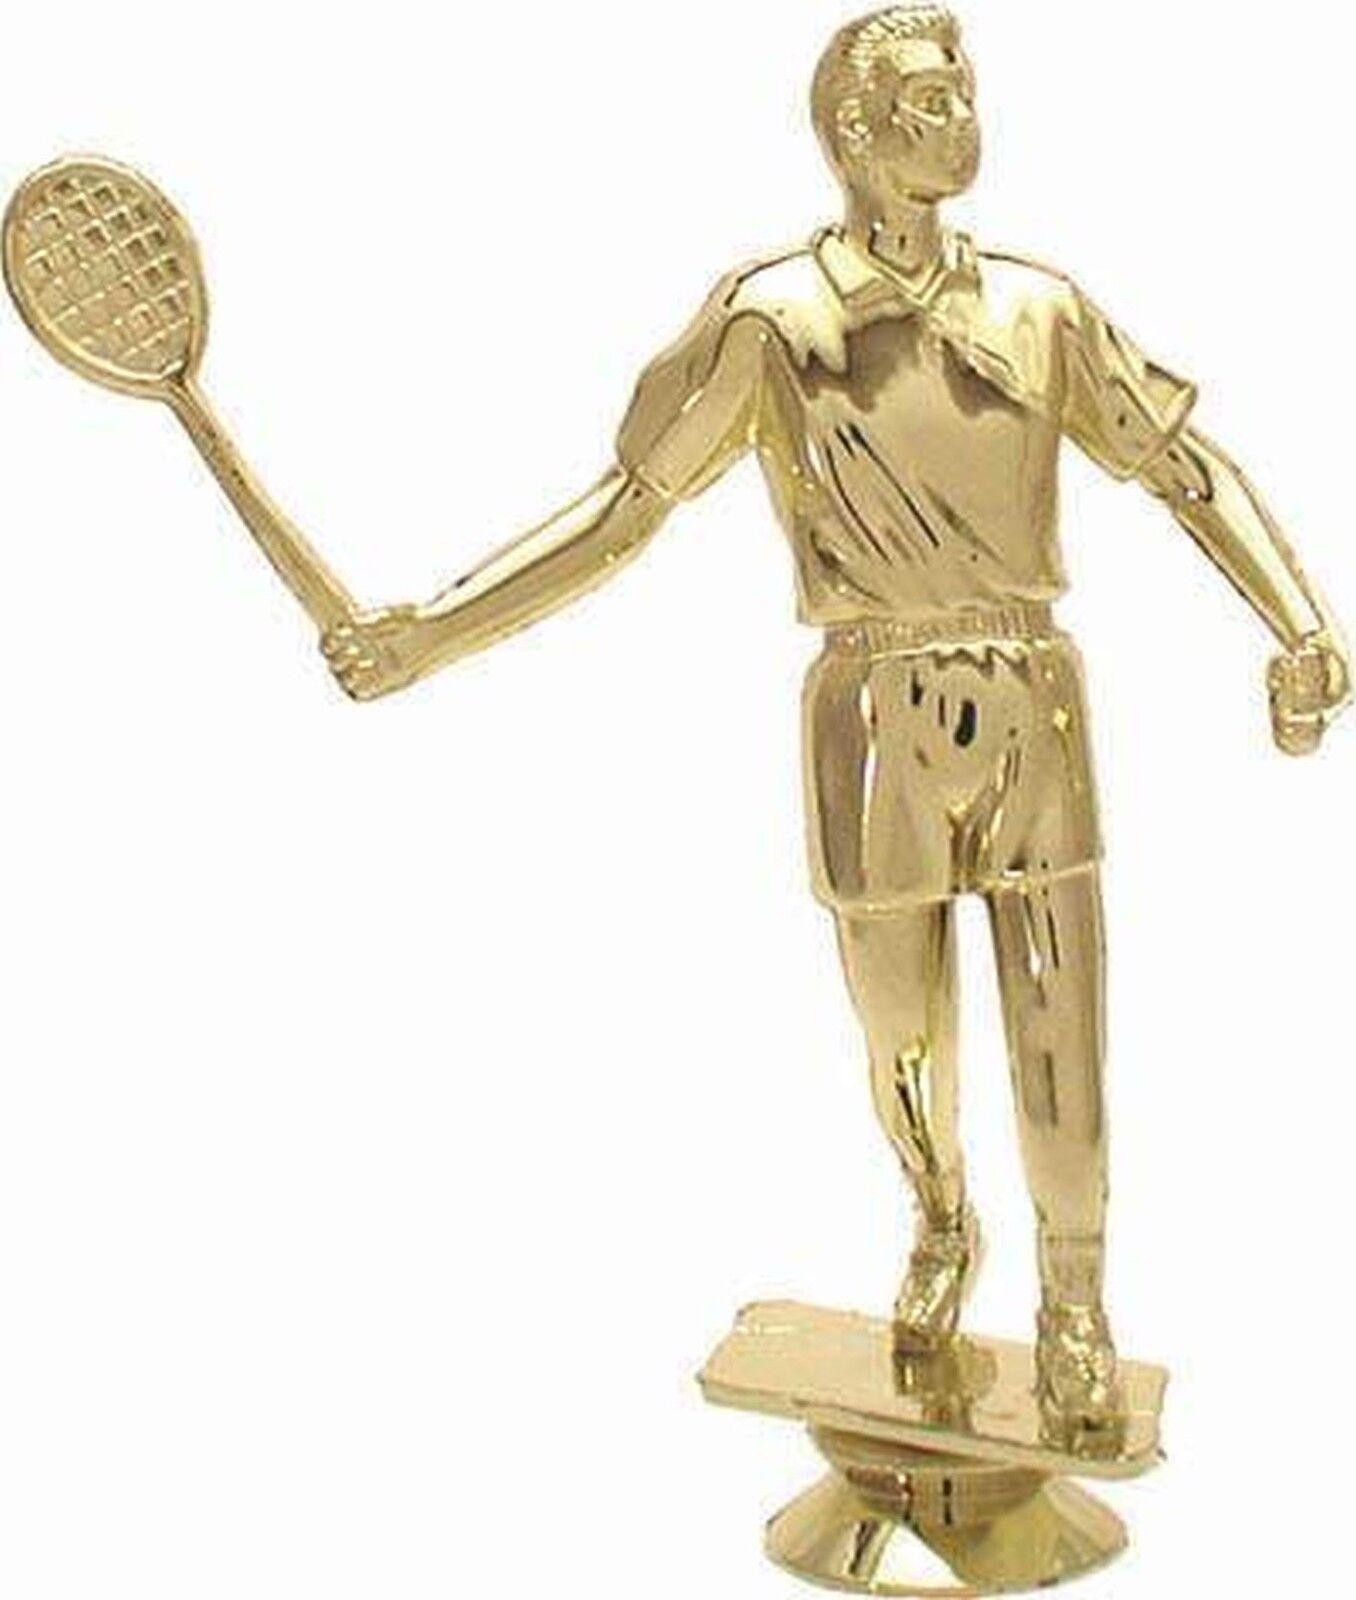 15 figuras badminton caballeros 3d con mármol zócalo (trofeo trofeos medallas torneo)